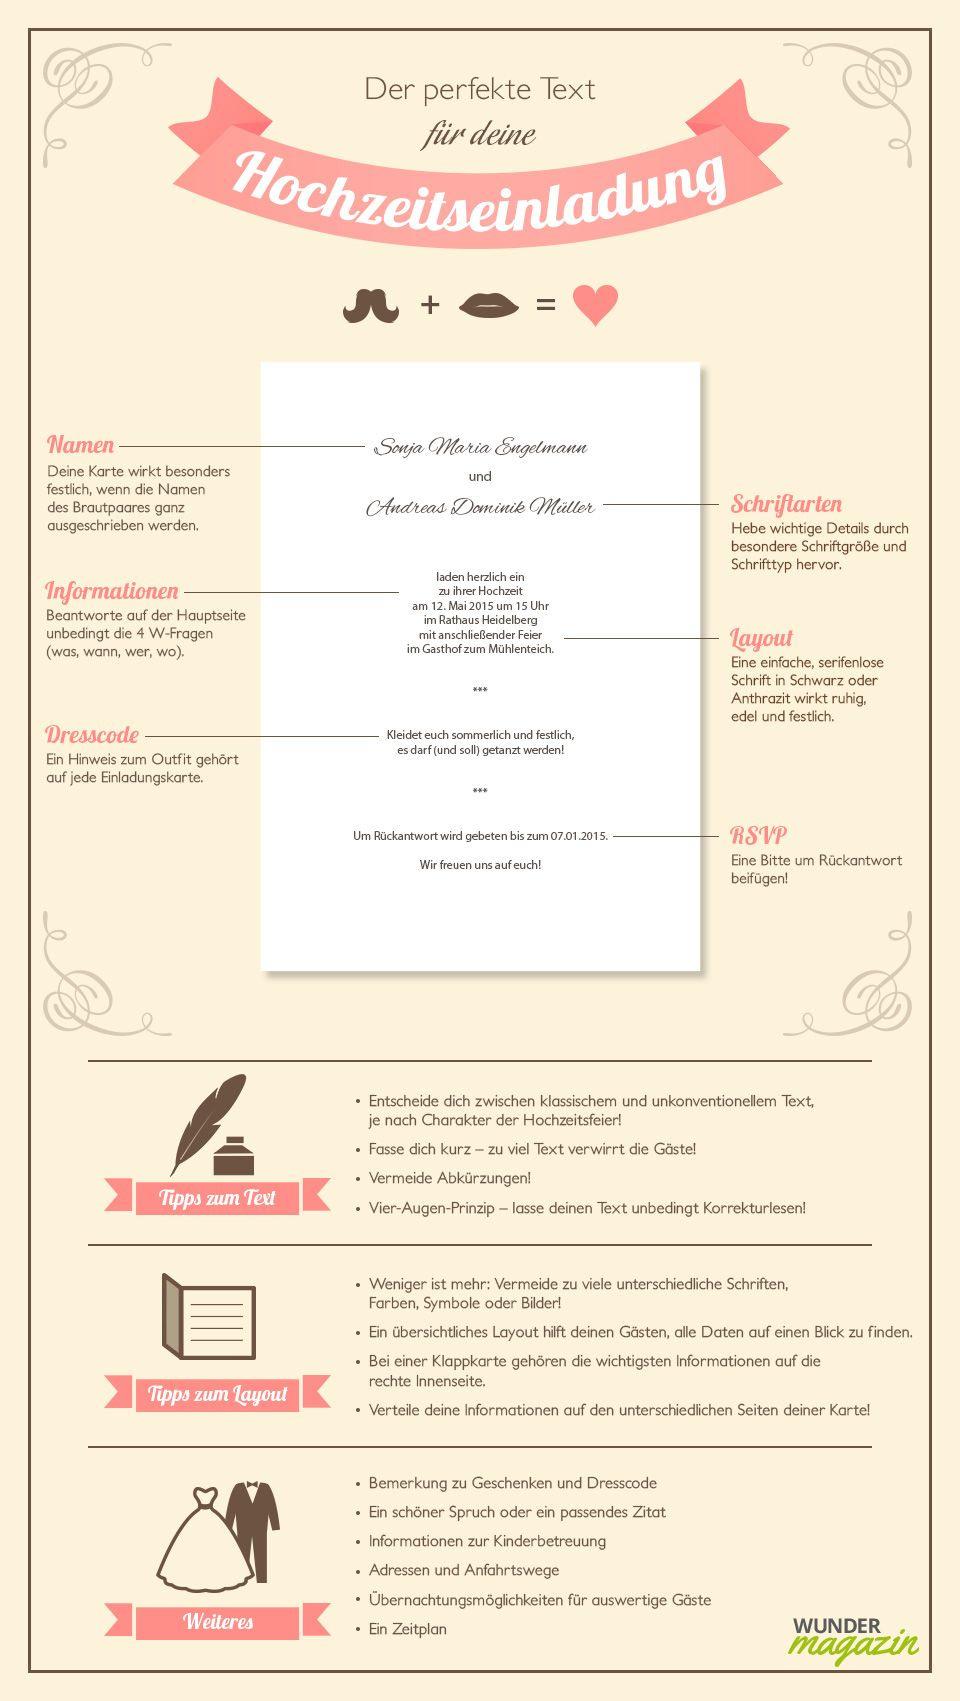 Formulierung Einladung Hochzeit Kleidung | Dresscode An Der